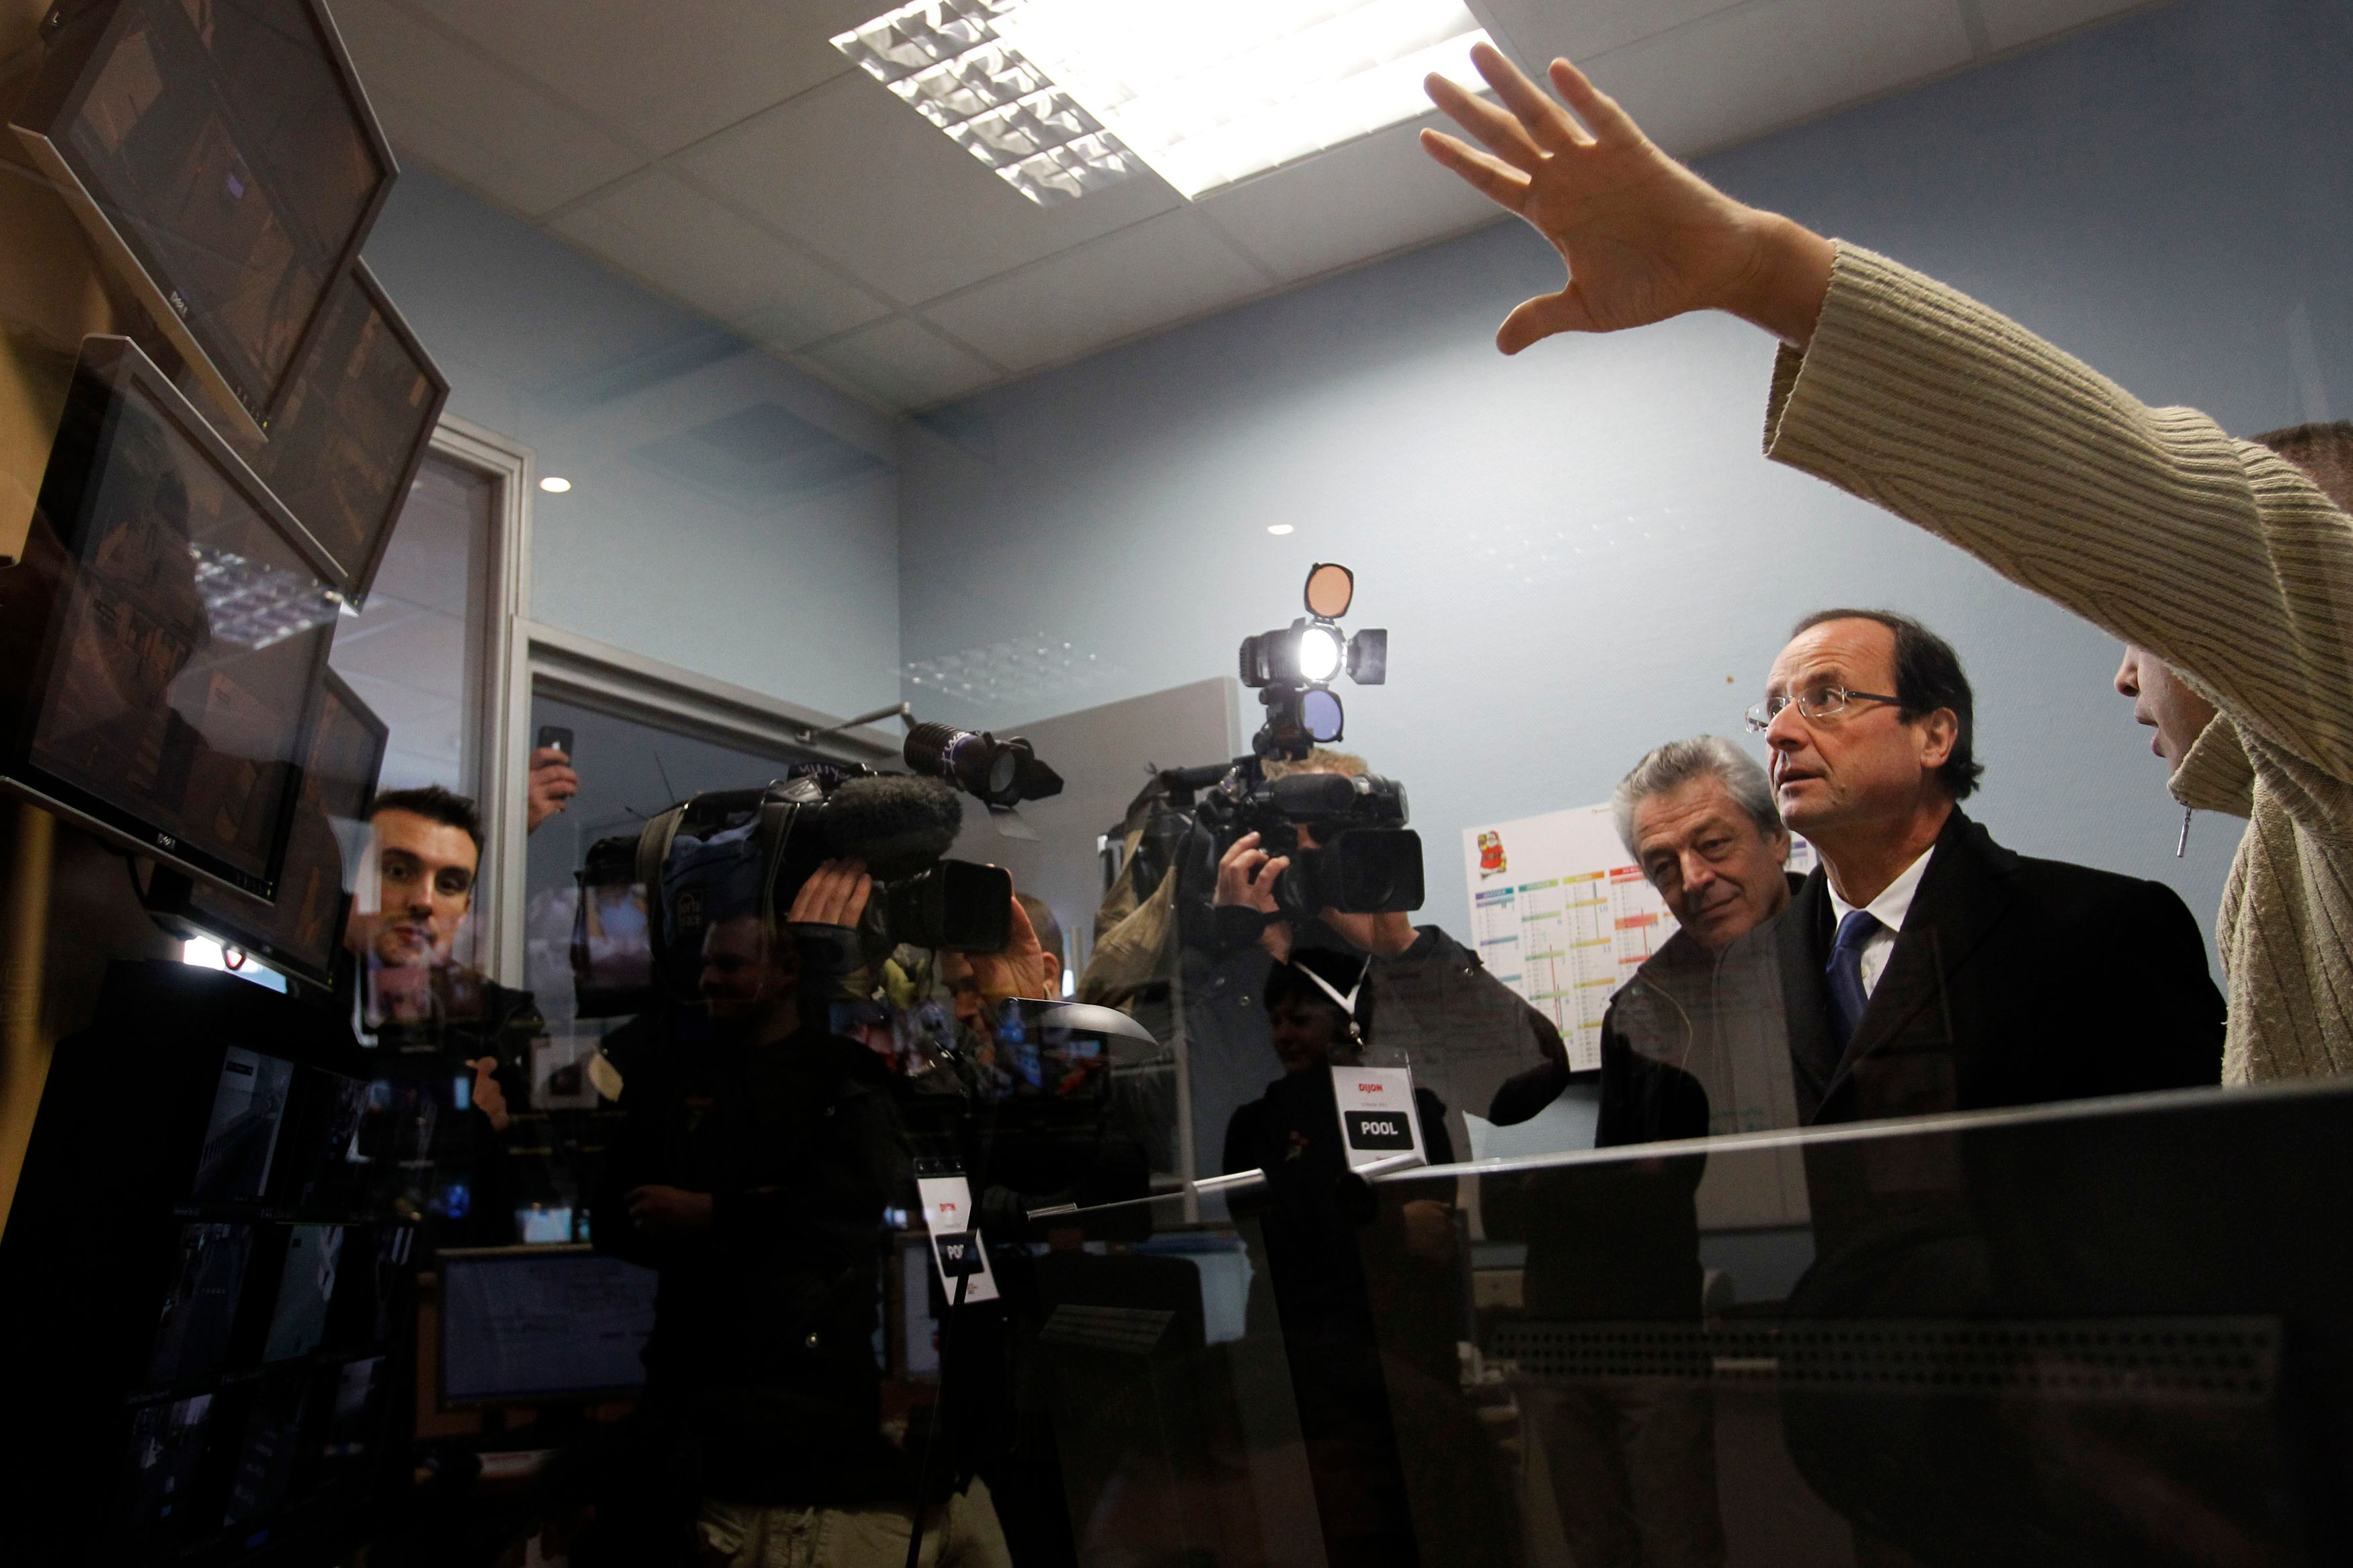 François Hollande à Dijon, en 2012, dans un PC sécurité.